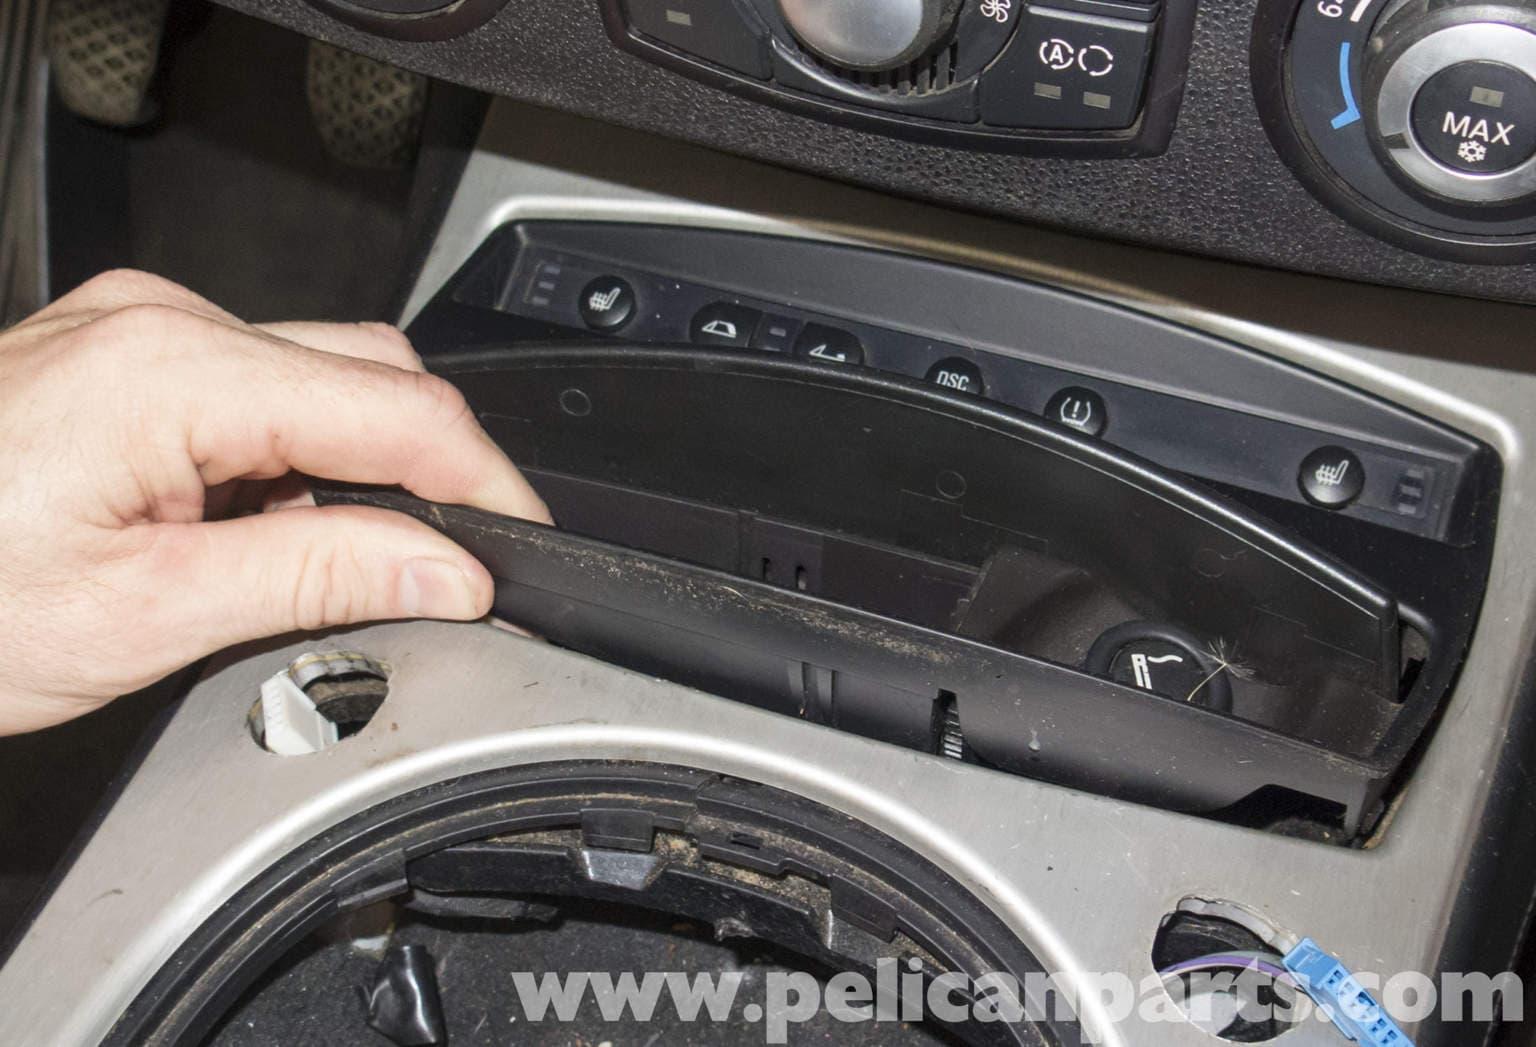 Bmw Z4m Center Console Replacement E85 2003 2008 Pelican Parts Diy Maintenance Article